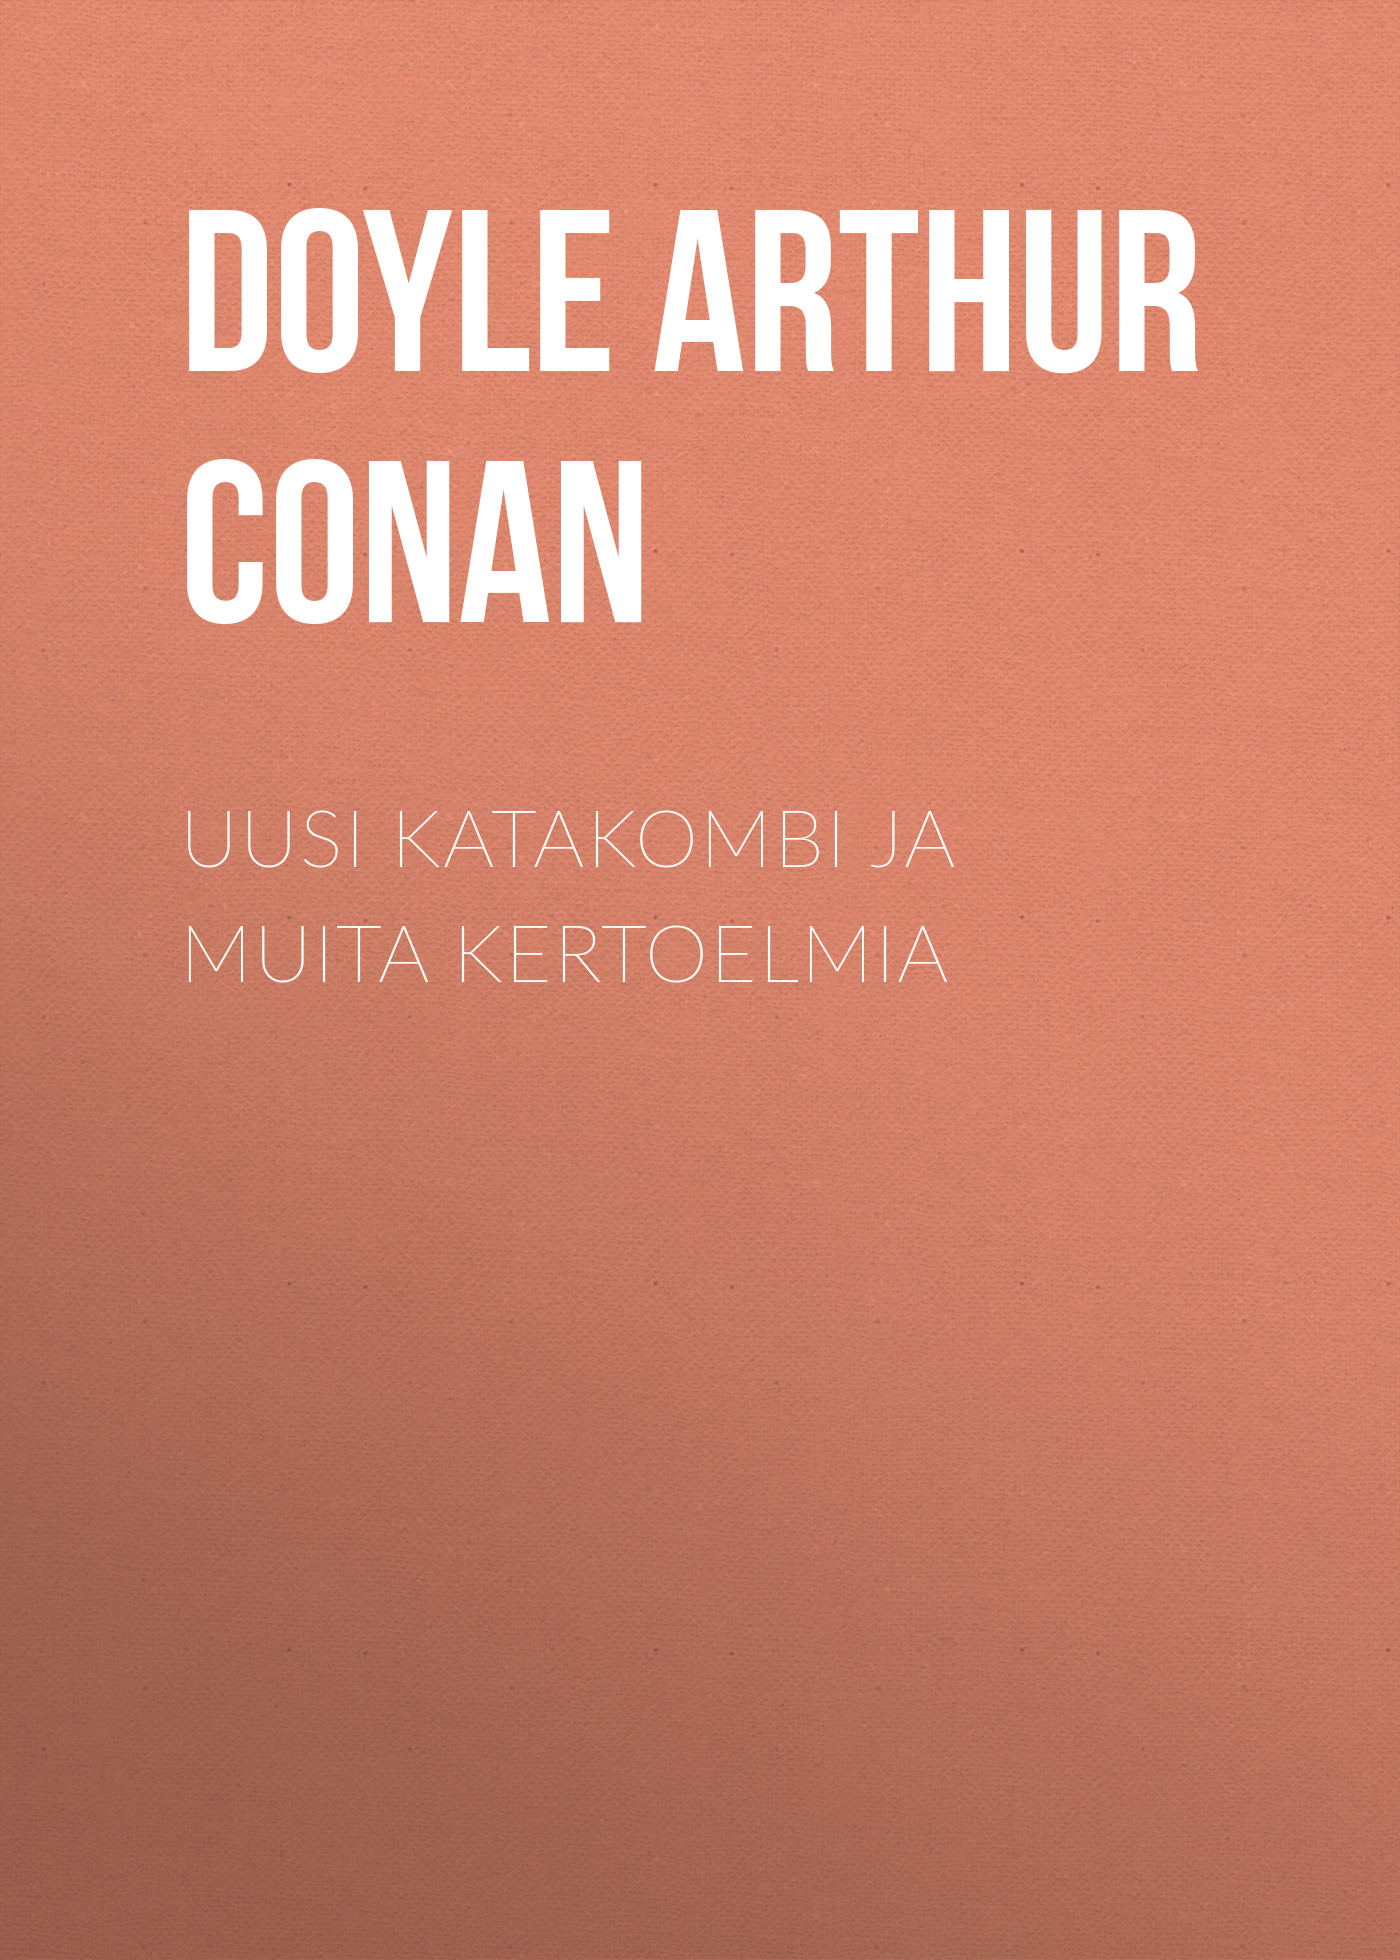 Doyle Arthur Conan Uusi katakombi ja muita kertoelmia arthur conan doyle through the magic door isbn 978 5 521 07201 9